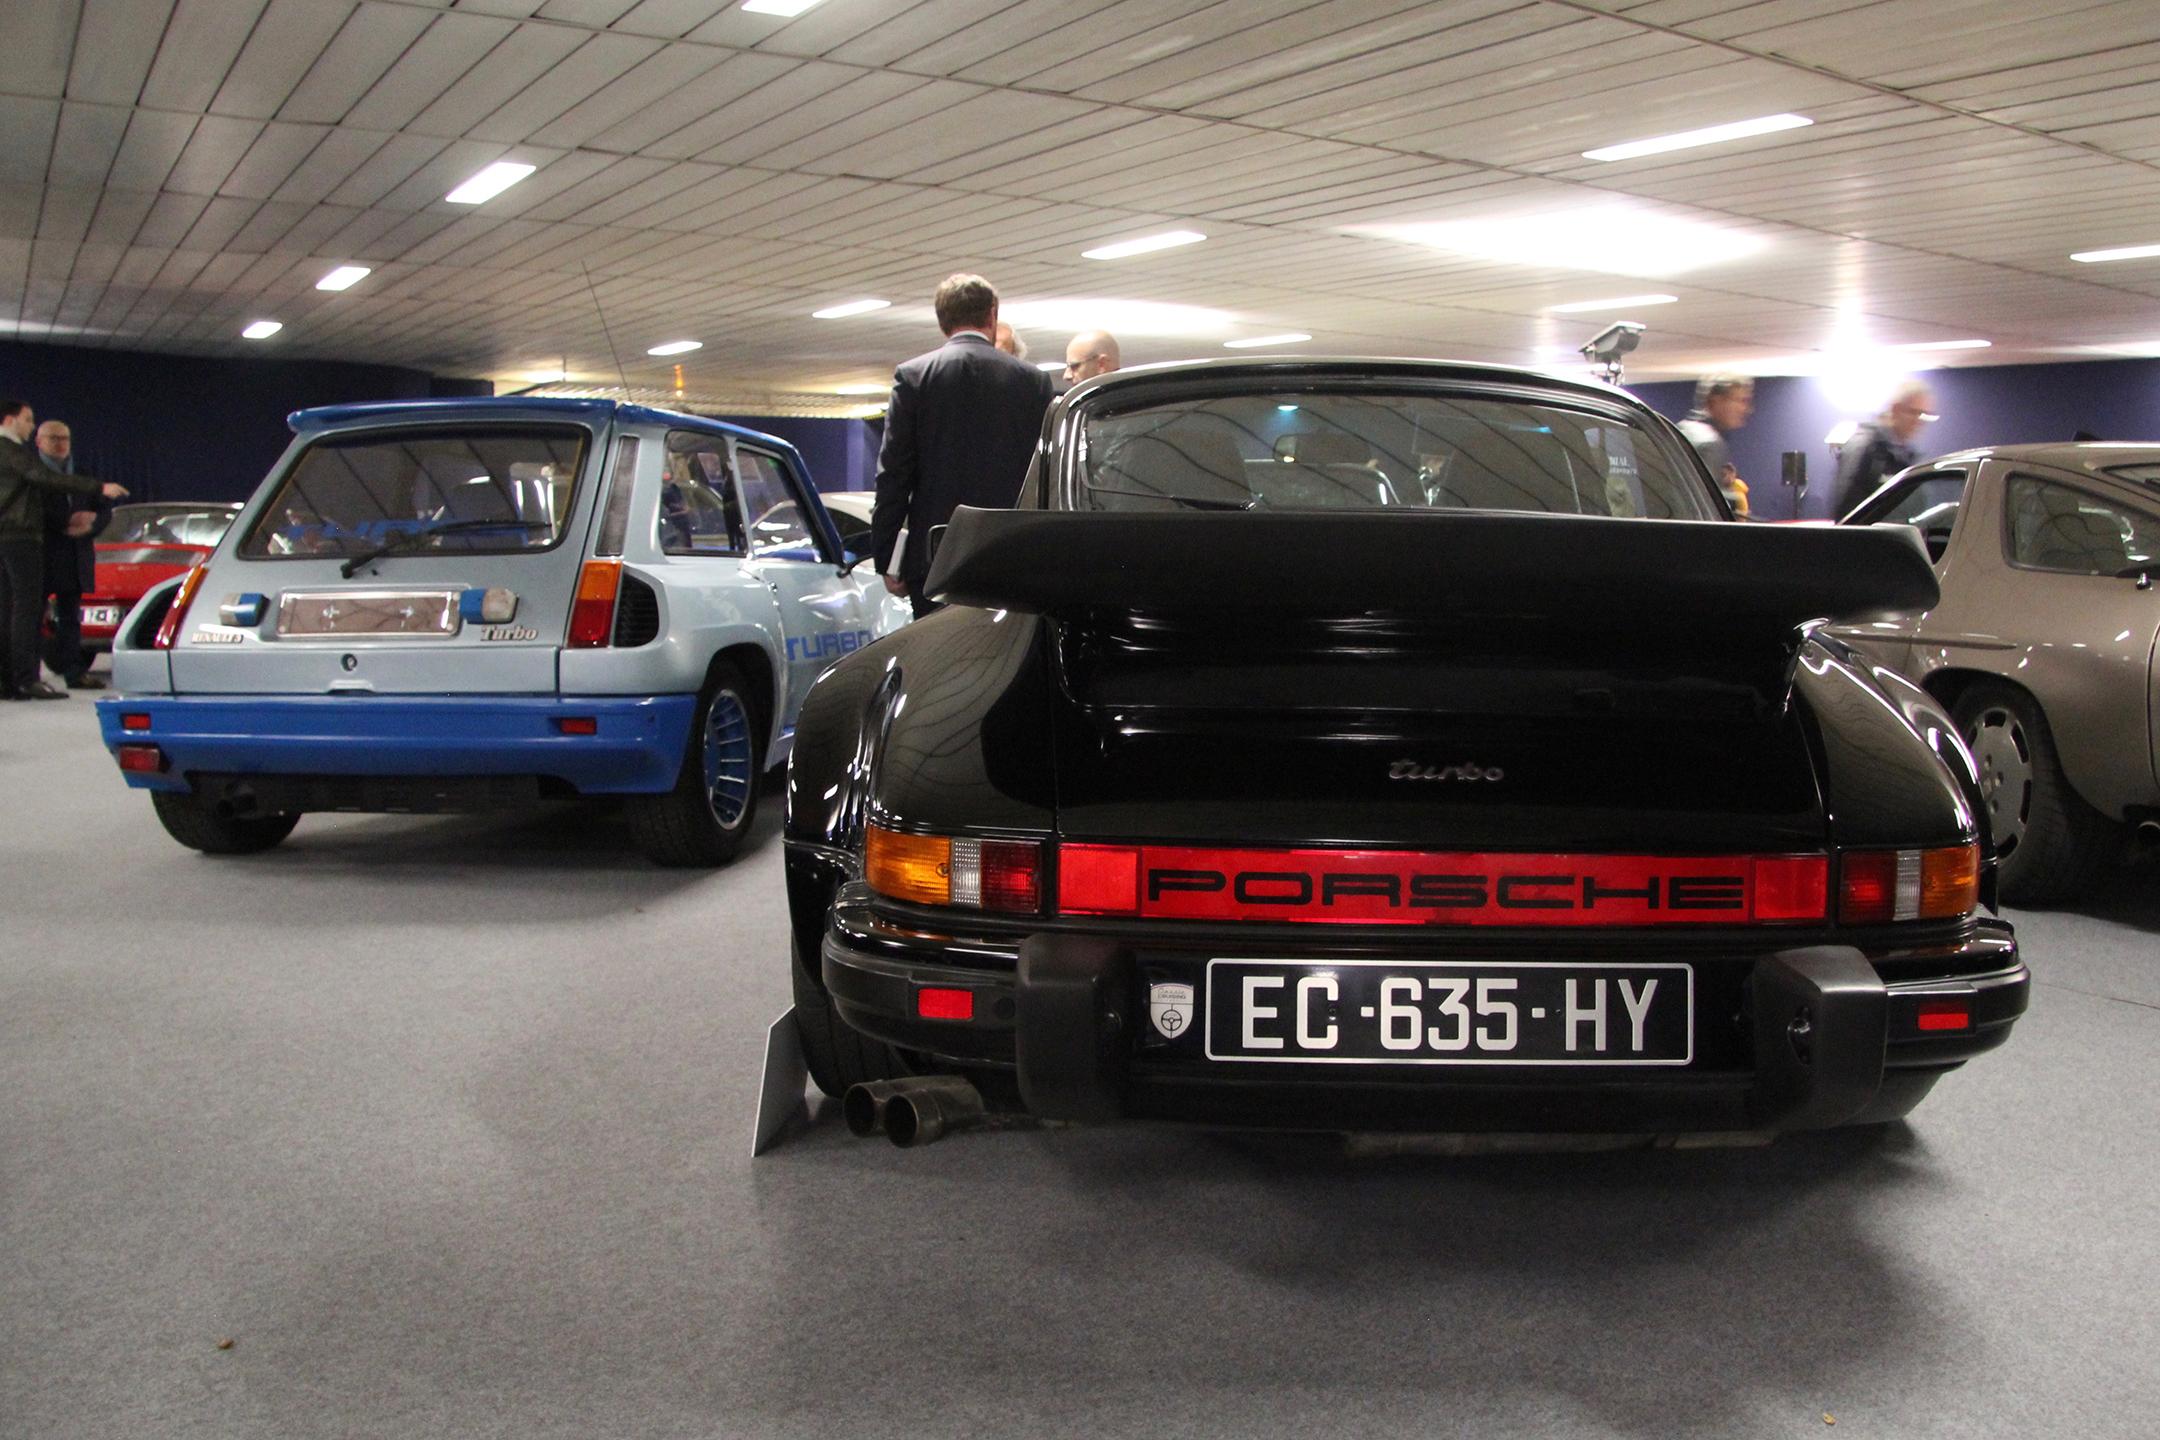 Porsche 911 Turbo 3.3L - 1986 - Artcurial Motorcars - Automobiles sur les Champs - 2019 - photo Ludo Ferrari